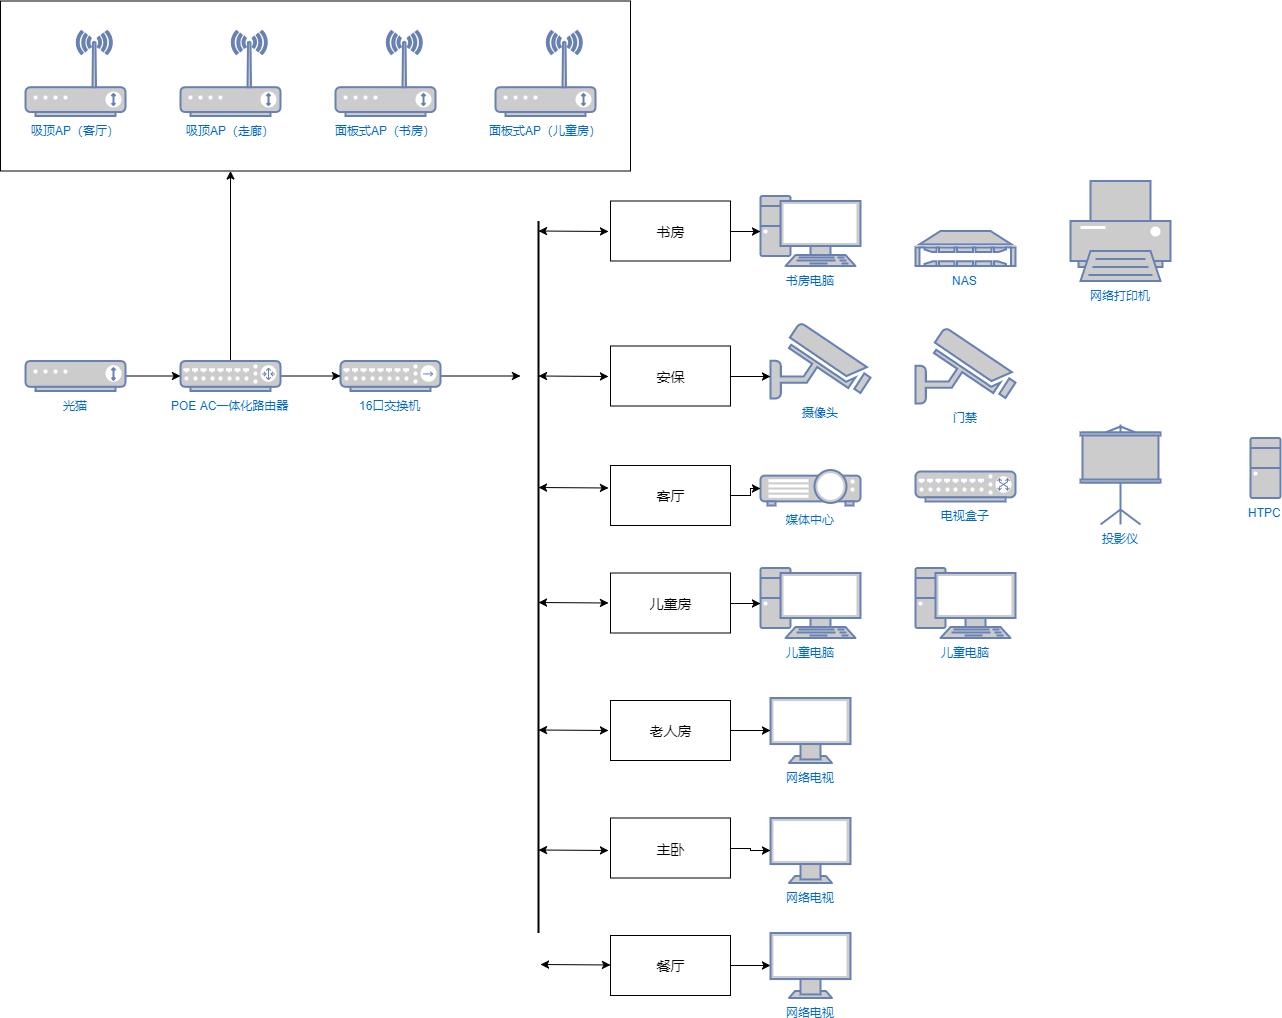 家庭网络拓扑图.xml